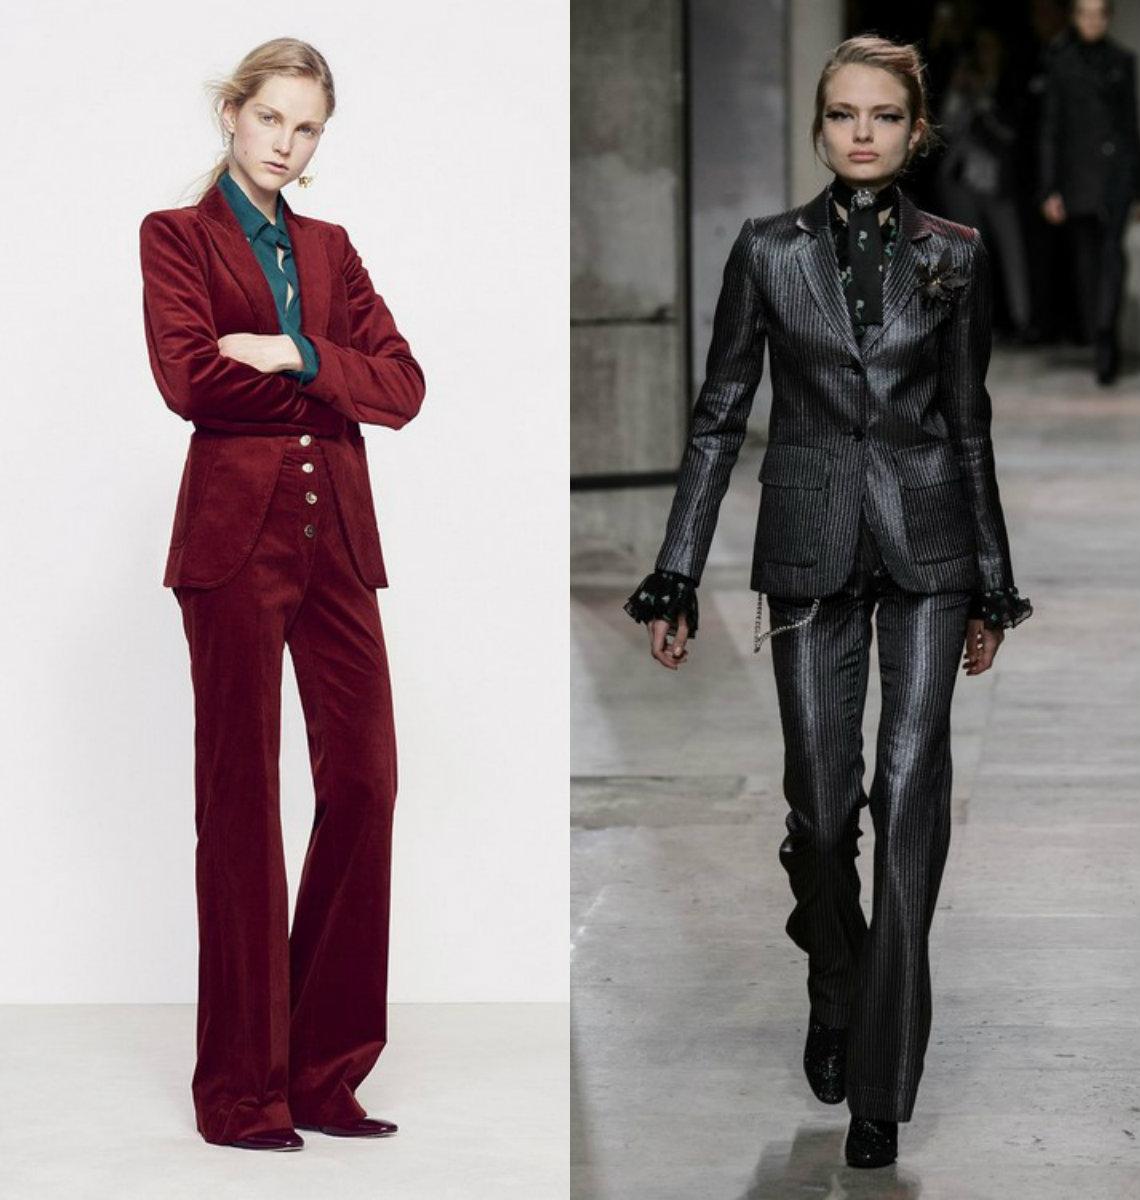 Женские костюмы 2018 : велюр и кожа